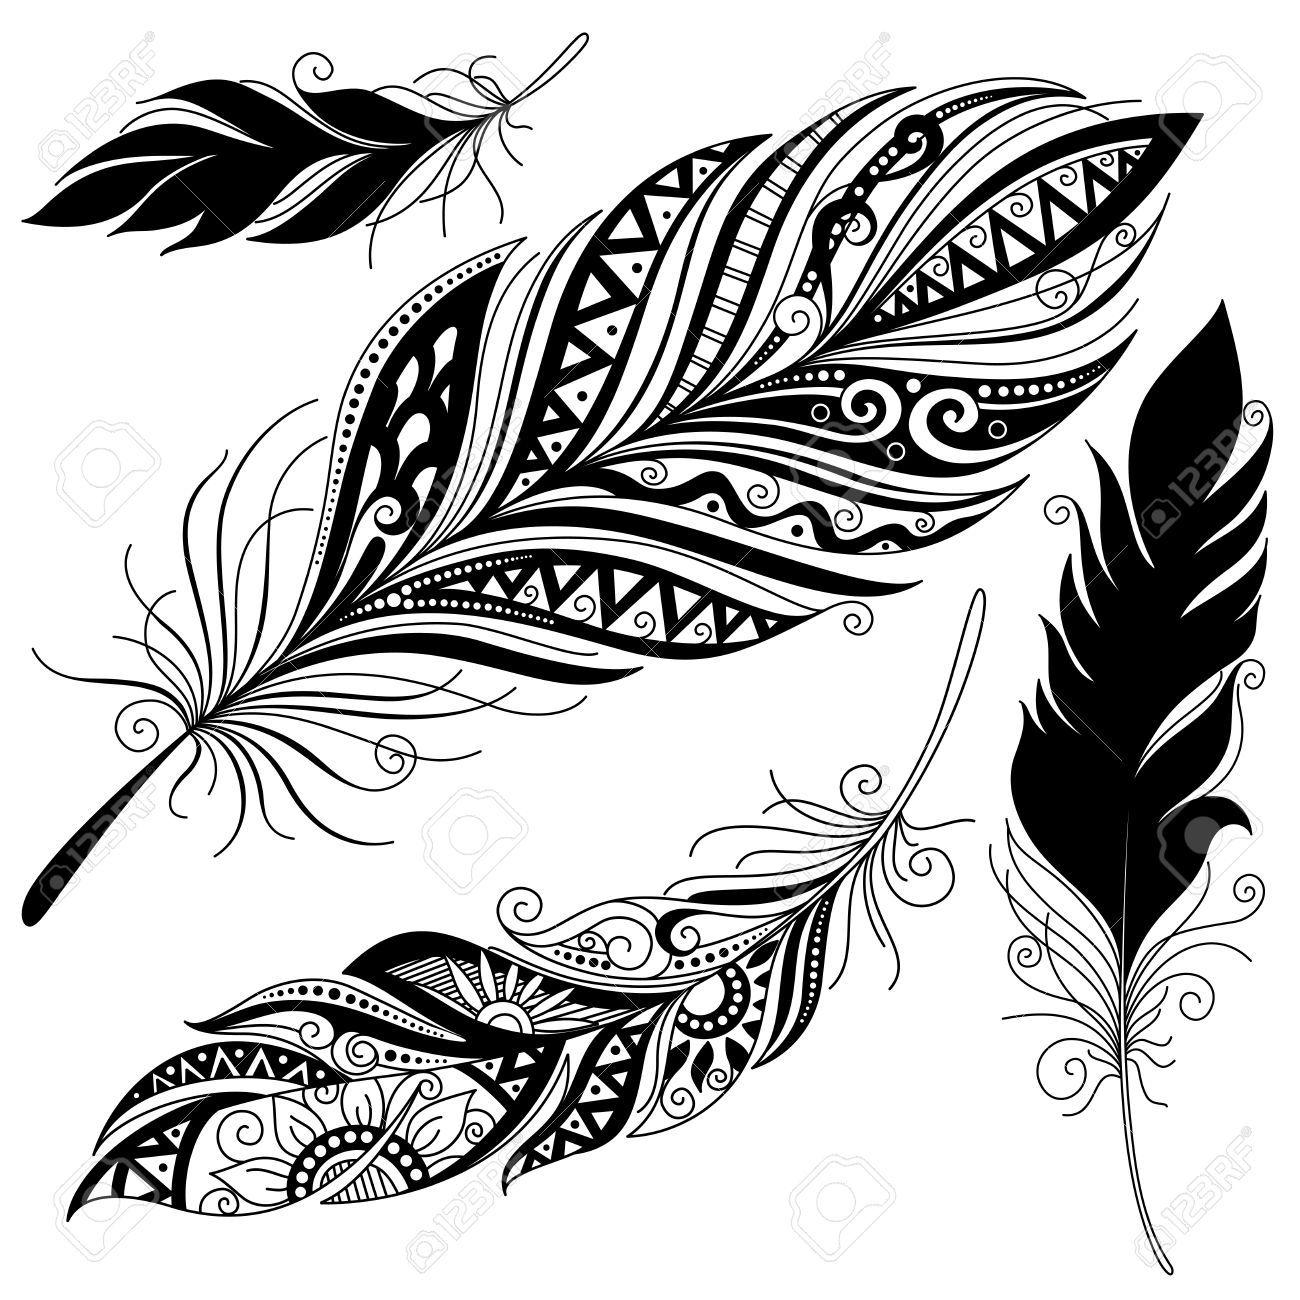 Vecteur Peerless Décoratif Feather, La Conception Tribal